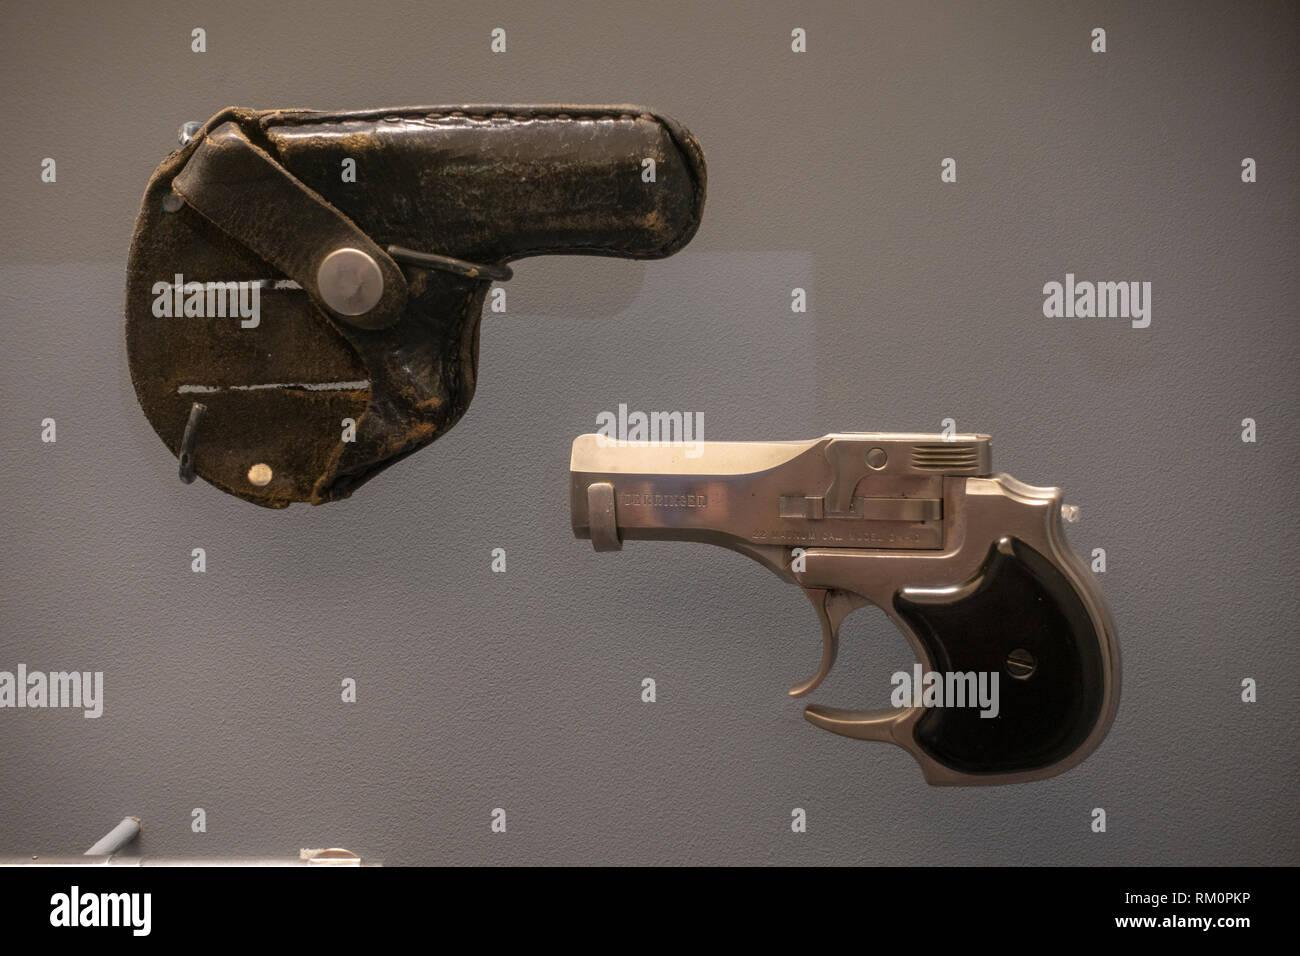 22 Caliber Gun Stock Photos & 22 Caliber Gun Stock Images - Alamy